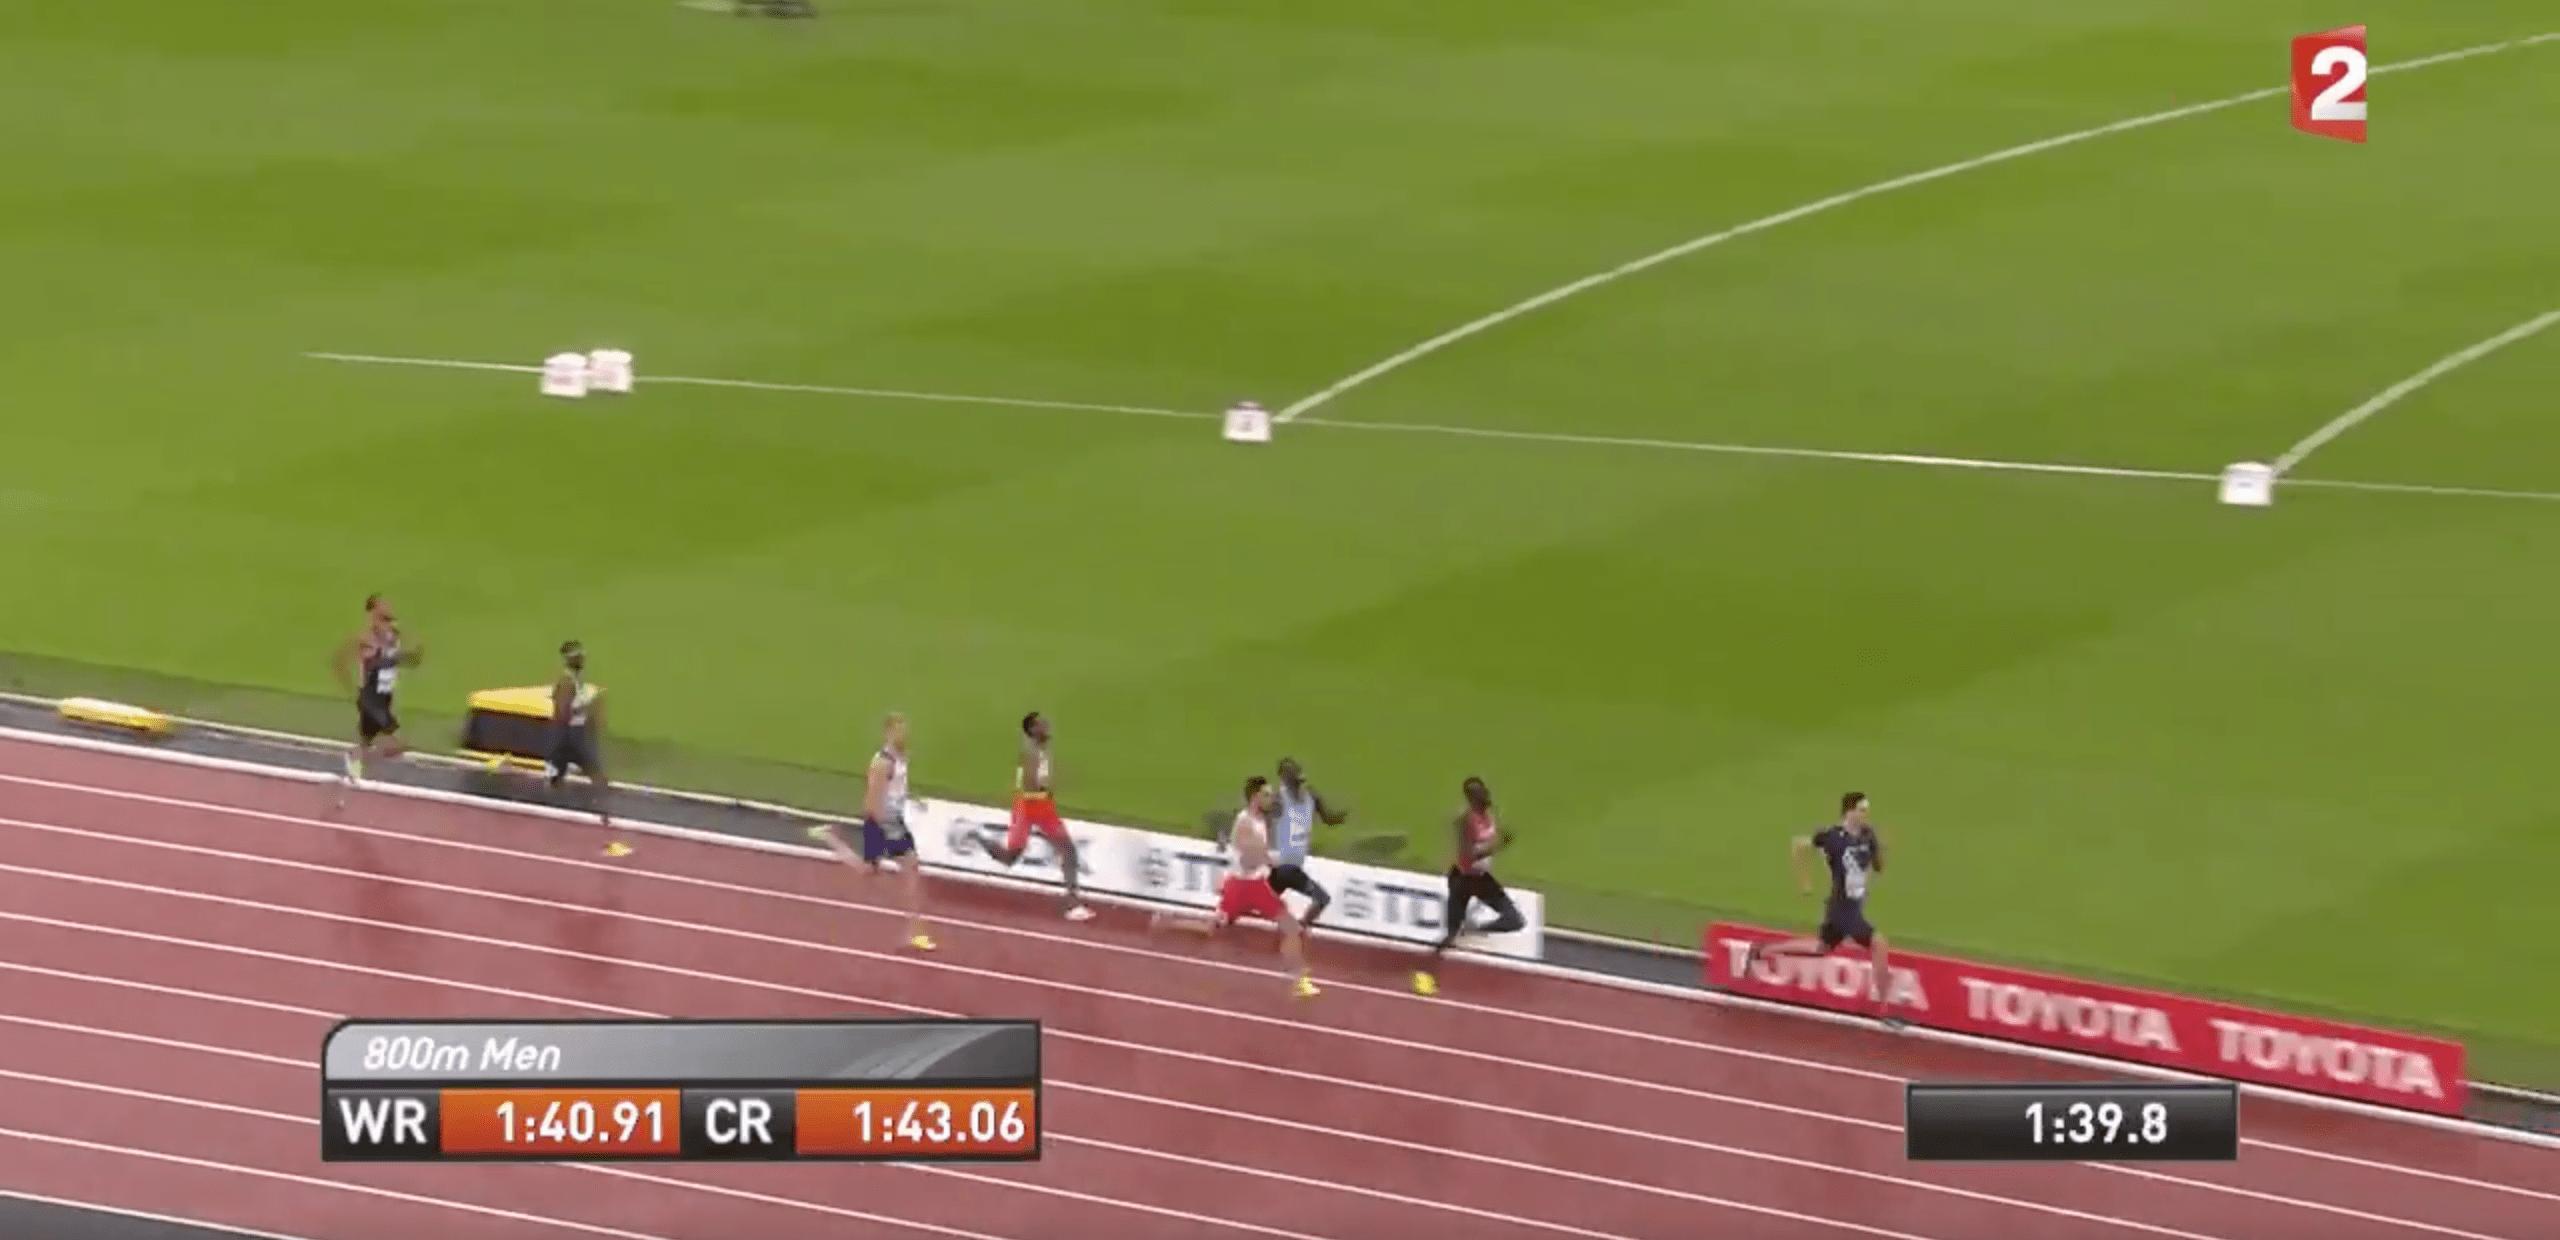 Le finish fou de Pierre-Ambroise Bosse lors de la finale du 800m